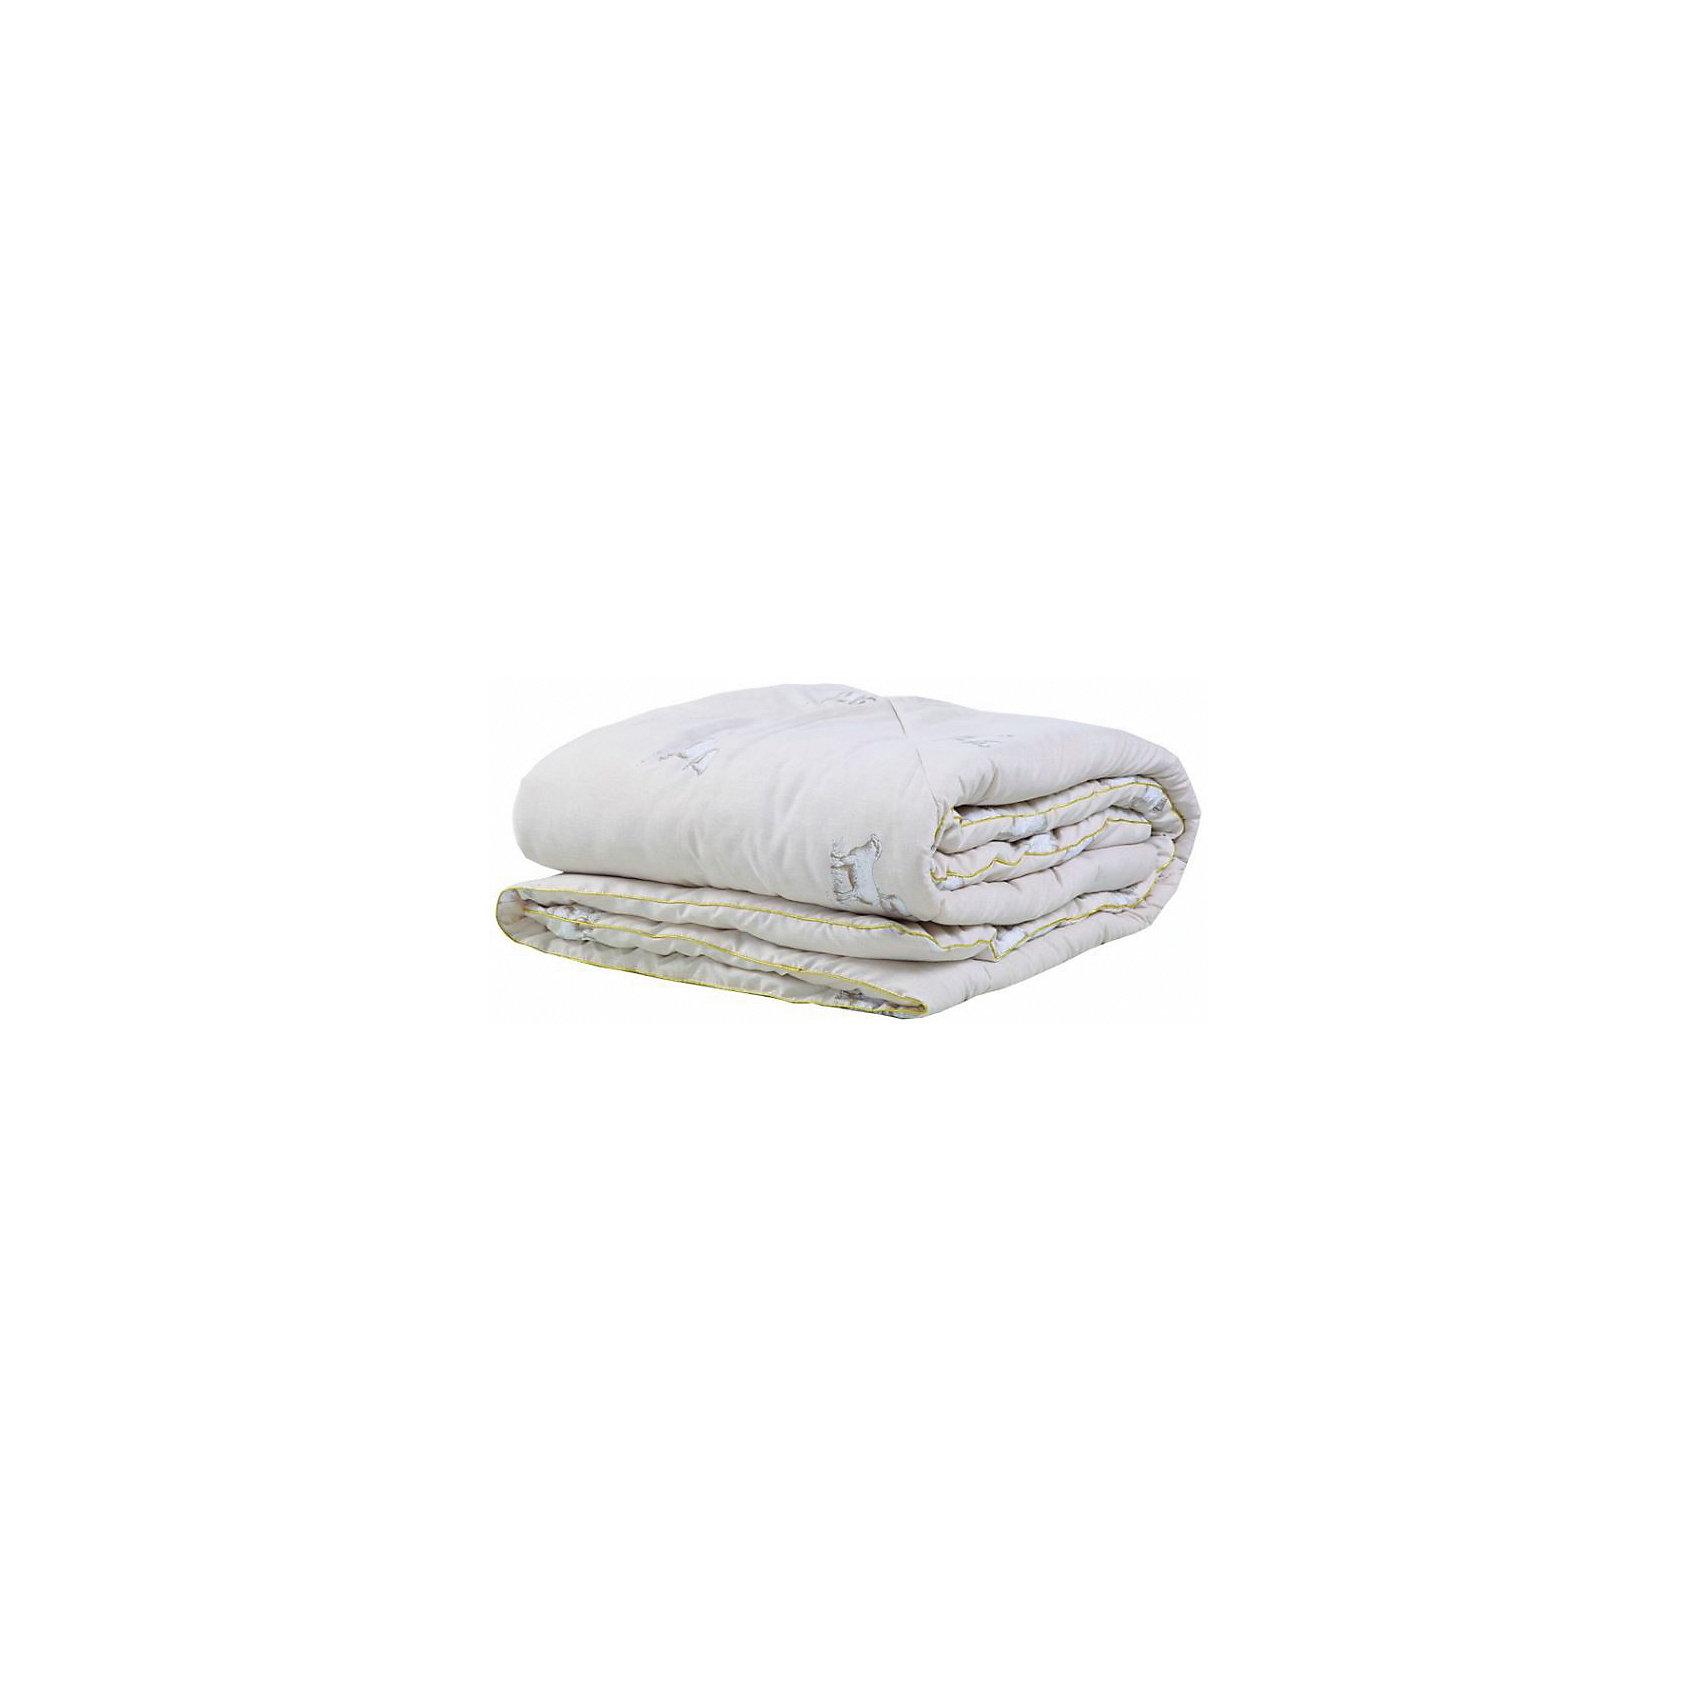 Одеяло 1.5сп Овечья шерсть 140*205 искусственный тик, Mona LizaОдеяла, пледы<br>Характеристики:<br><br>• Вид домашнего текстиля: одеяло<br>• Серия: Mona Liza Premium<br>• Сезон: круглый год<br>• Материал чехла: полиэстер, 100% <br>• Наполнитель: 30% верблюжья шерсть, 70% силиконизированное полотно<br>• Цвет: молочный<br>• Размеры (Д*Ш): 105*140 см <br>• Тип упаковки: полиэтиленовая сумка с ручками<br>• Вес в упаковке: 1 кг 200 г<br>• Особенности ухода: машинная стирка при температуре 30 градусов<br><br>Одеяло 1.5сп Овечья шерсть 140*205 искусственный тик, Mona Liza изготовлено под отечественным торговым брендом, выпускающим постельные принадлежности из натуральных тканей и качественных наполнителей. Одеяло выполнено из синтетического тика, отличающегося гладкой, но не скользящей поверхностью прочного полотна. В качестве наполнителя использовано сочетание верблюжей шерсти и силиконизированного волокна, такое сочетание обеспечивает повышенную терморегуляцию,  длительное время сохраняет объем и форму. Плотность наполнителя одеяла составляет 200 г/м2, что делает его особенно теплым, но при этом легким по весу. <br>Одеяло 1.5сп Овечья шерсть 140*205 искусственный тик, Mona Liza – домашний текстиль, соответствующий международным стандартам качества и безопасности!<br><br>Одеяло 1.5сп Овечья шерсть 140*205 искусственный тик, Mona Liza можно купить в нашем интернет-магазине.<br><br>Ширина мм: 540<br>Глубина мм: 160<br>Высота мм: 460<br>Вес г: 1400<br>Возраст от месяцев: 84<br>Возраст до месяцев: 216<br>Пол: Унисекс<br>Возраст: Детский<br>SKU: 5165700